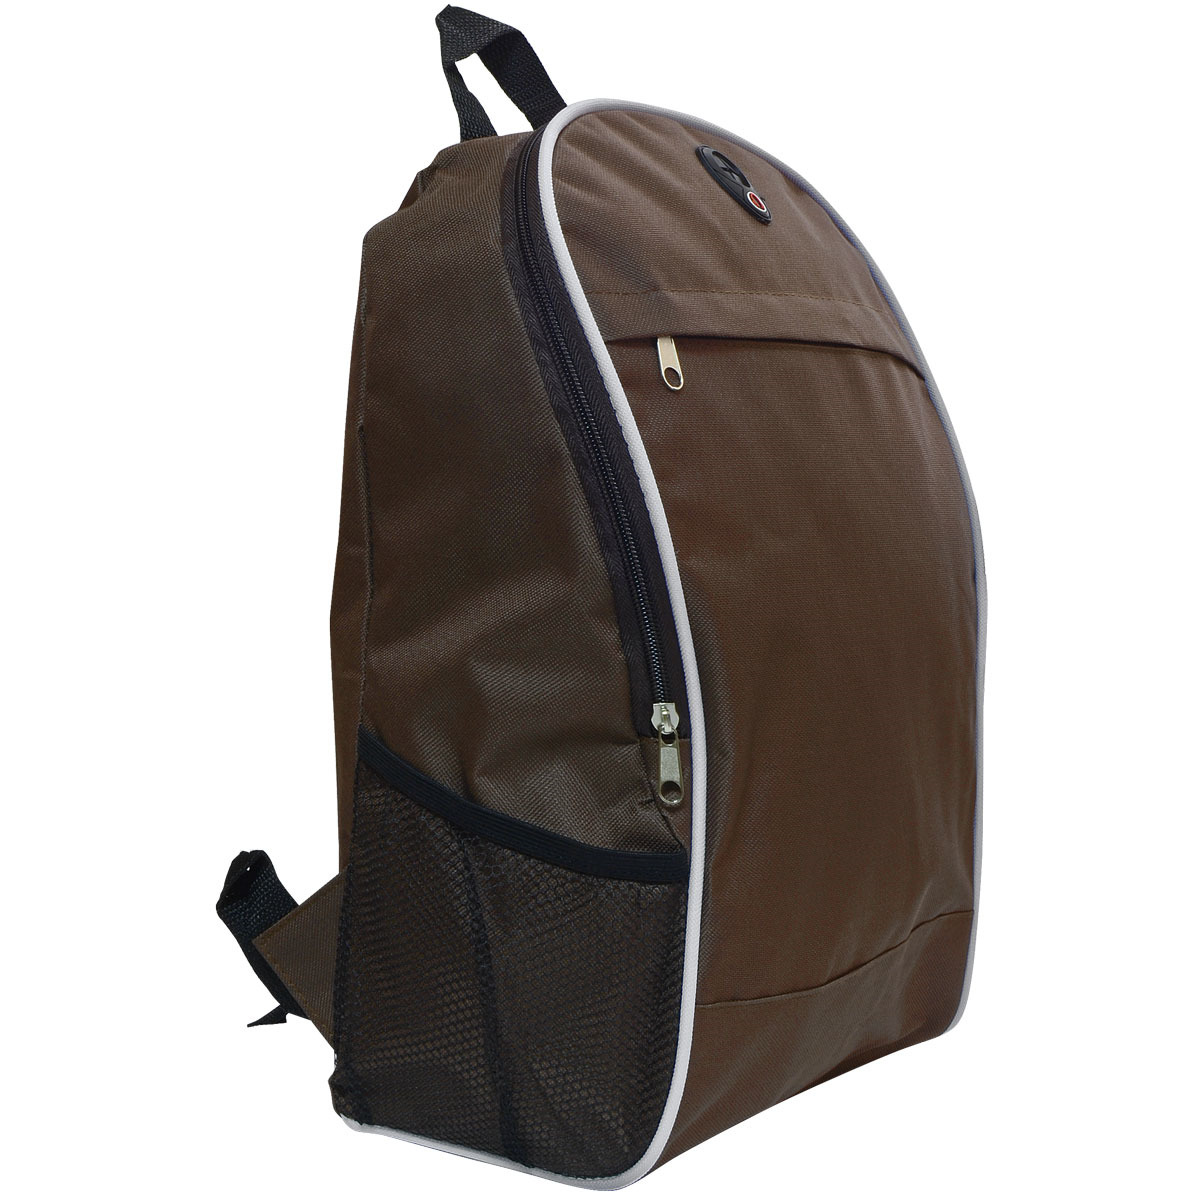 Рюкзак детский Action!, AB2001, коричневый цена и фото